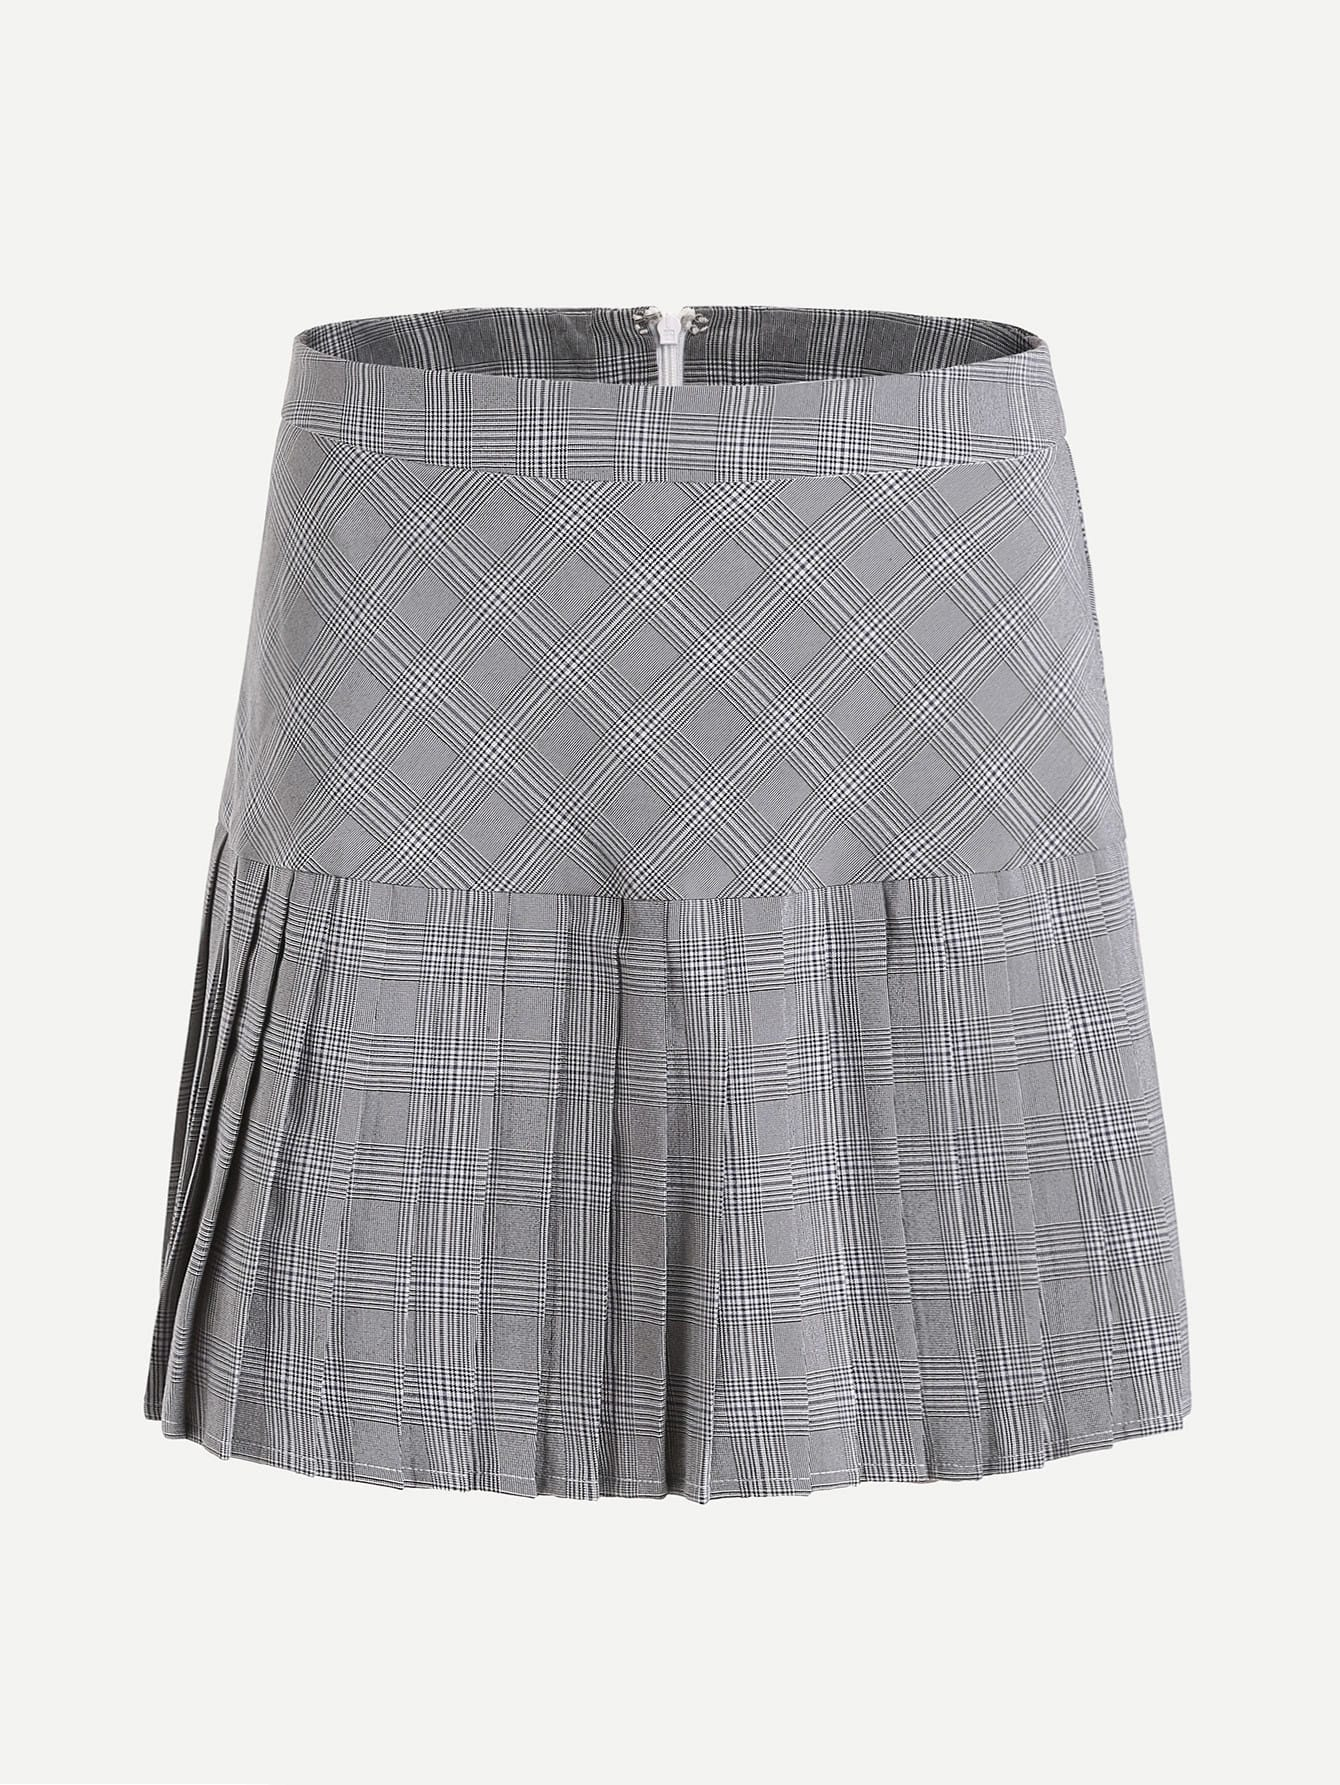 Drop Waist Pleated Mixed Check Skirt skirt170526704